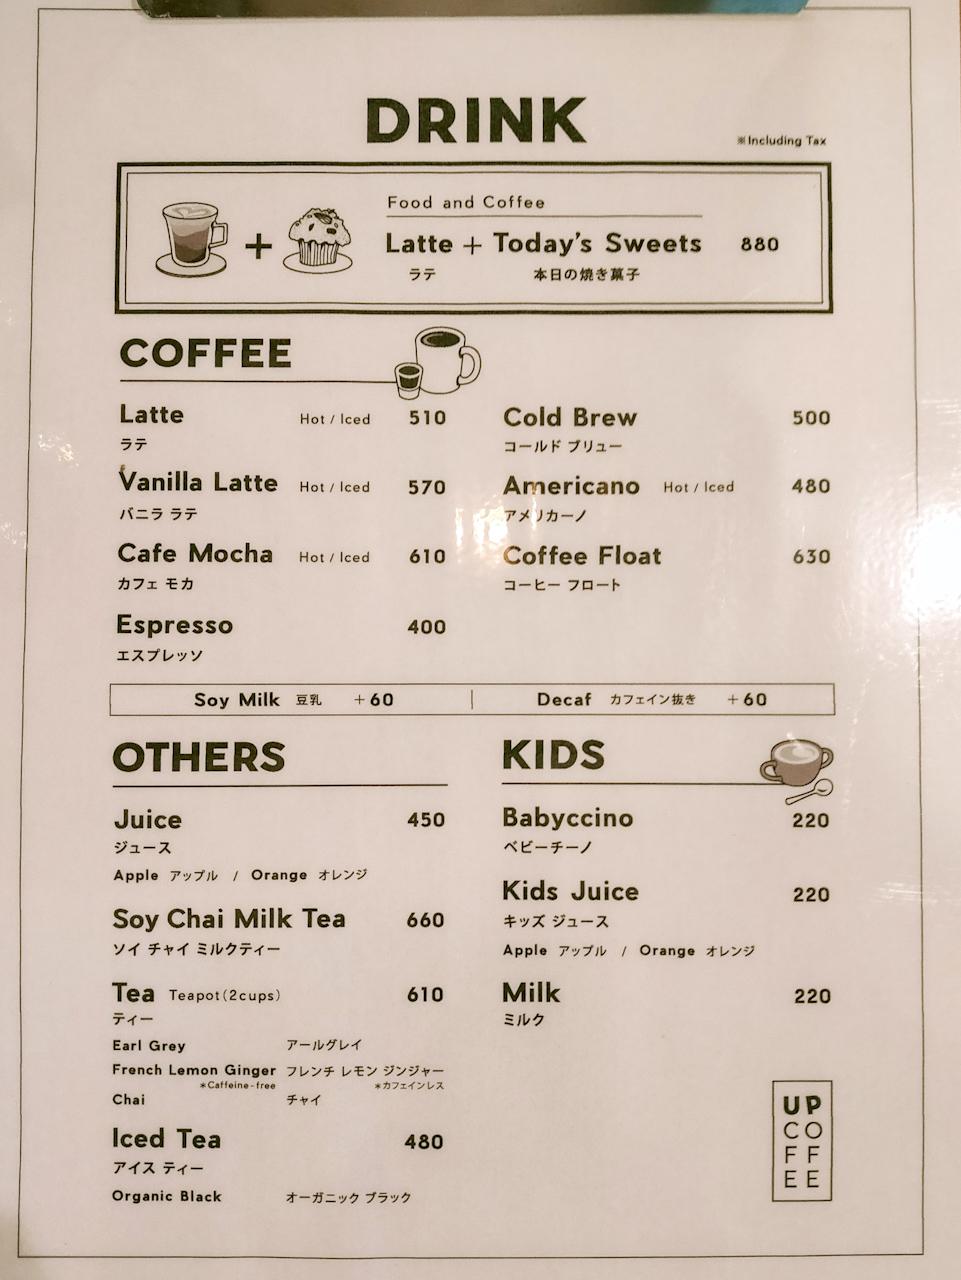 「UP COFFEE」のメニュー。コーヒーやエスプレッソなどを提供